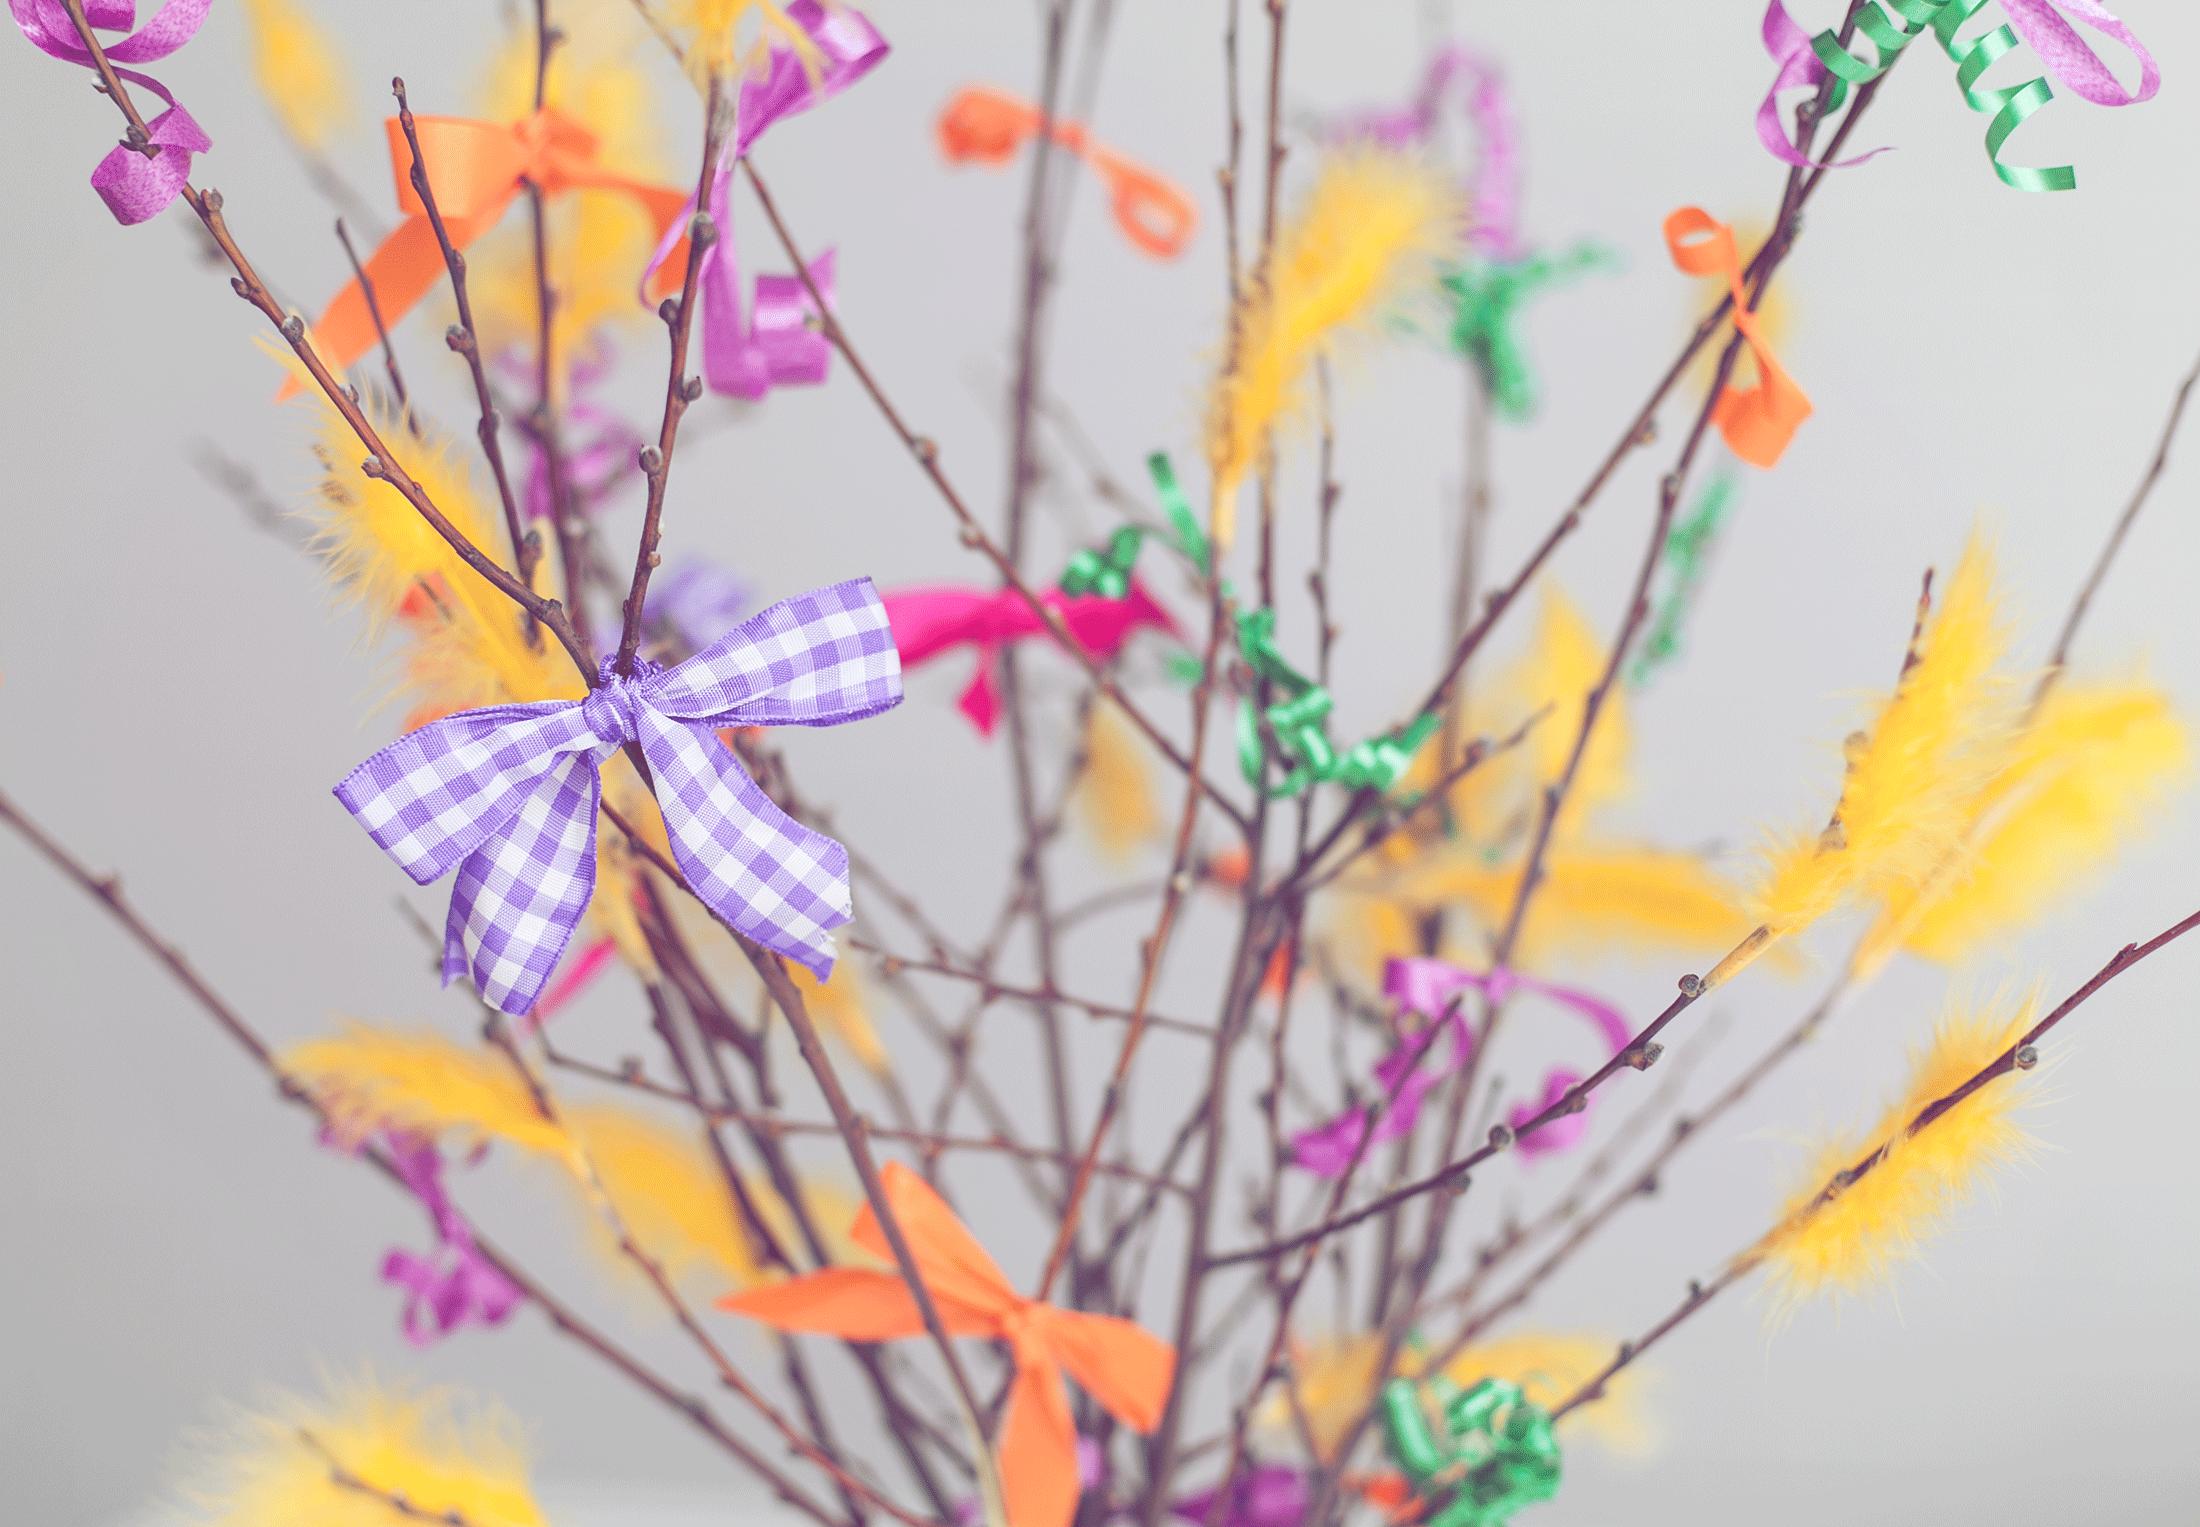 Virpoi varpoi vitsa uusi, kaunis niin kuin kukkiva kuusi! #pääsiäinen #virpomisoksa #pajunkissa